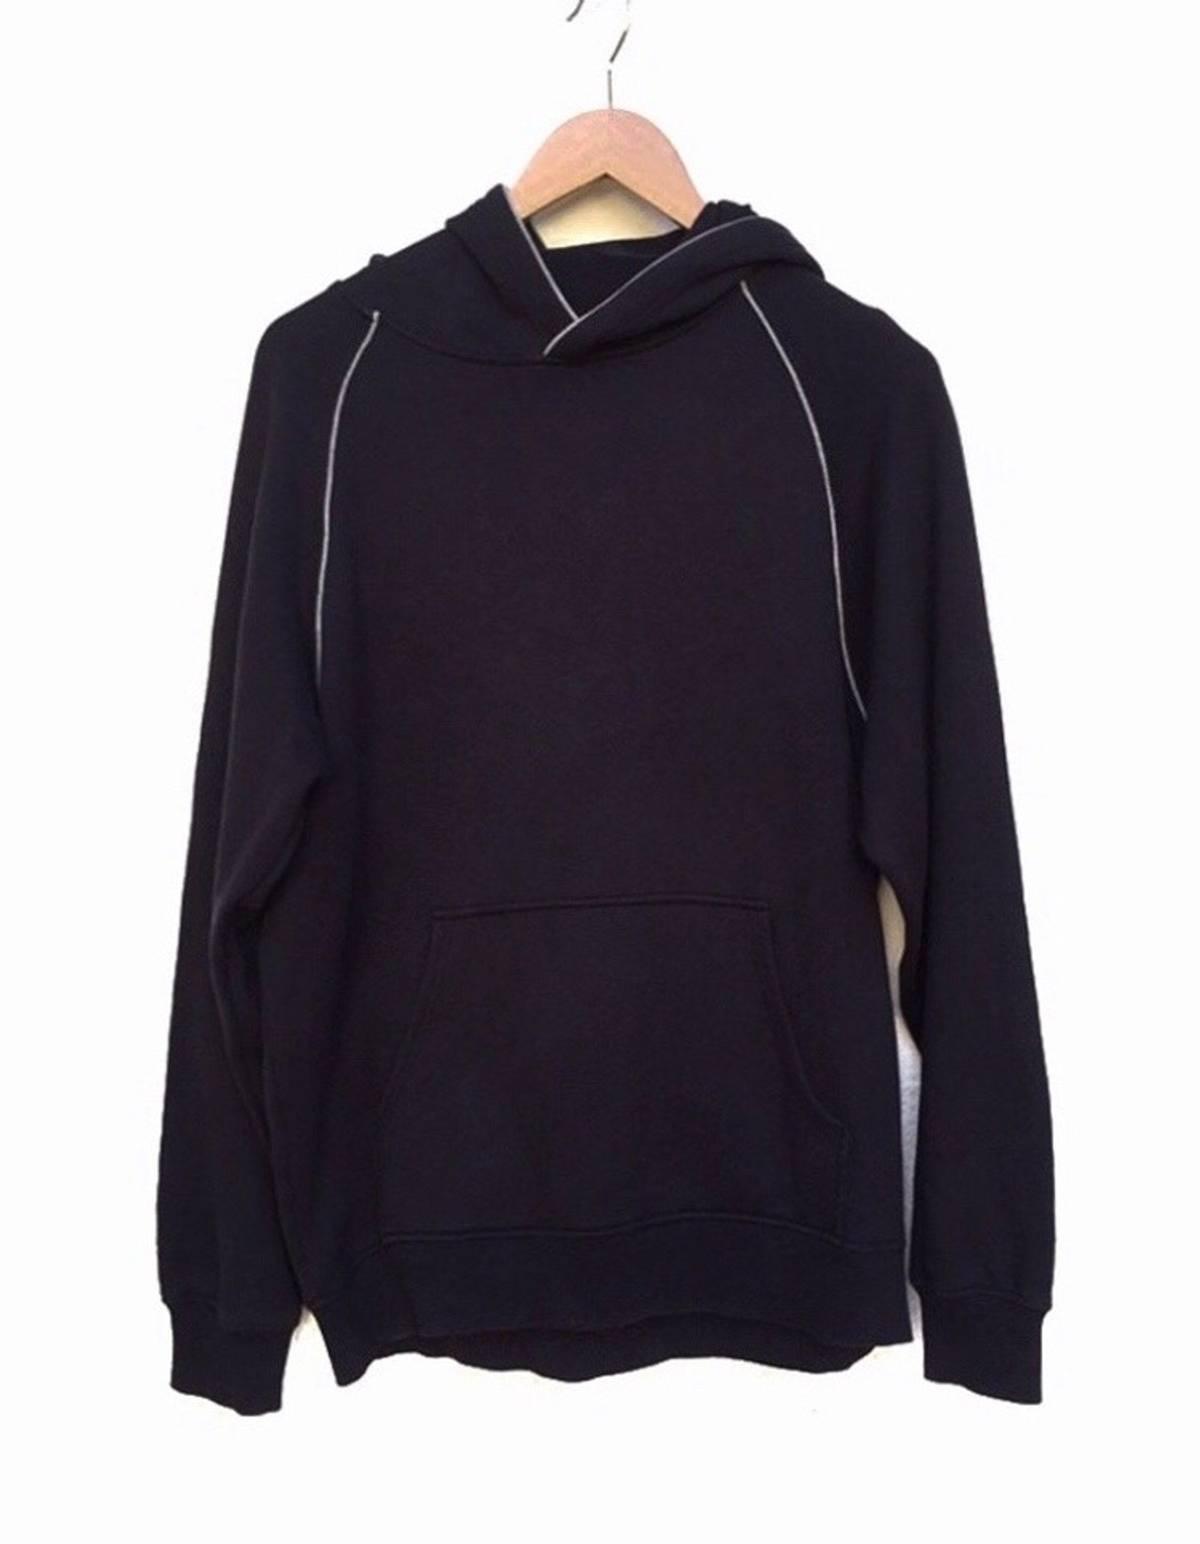 Uniqlo Uniqlo Nice Sweatshirt With Hoodies Grailed